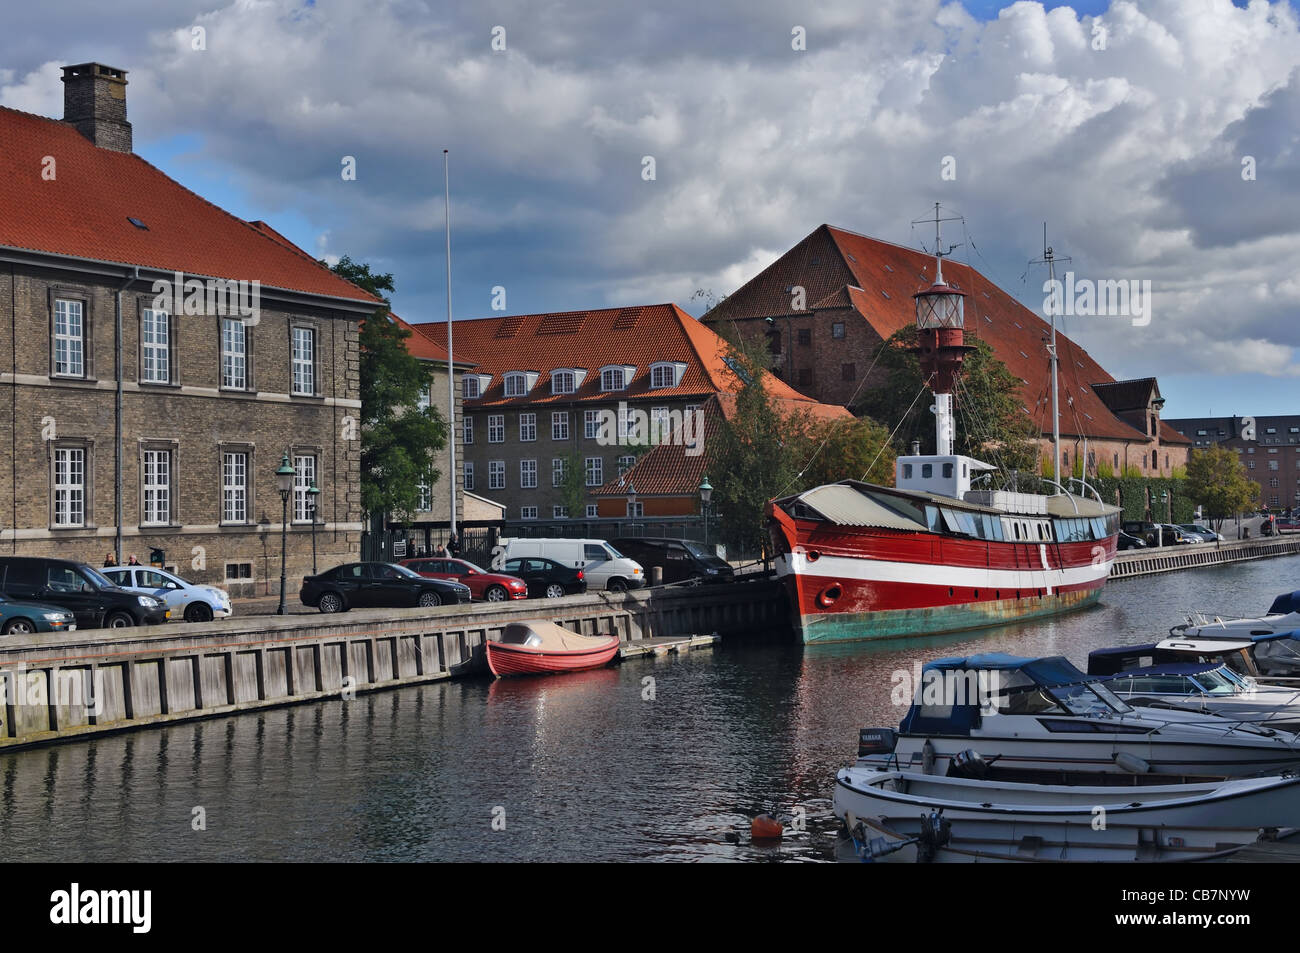 Copenhagen: Frederiksholms kanal - Stock Image